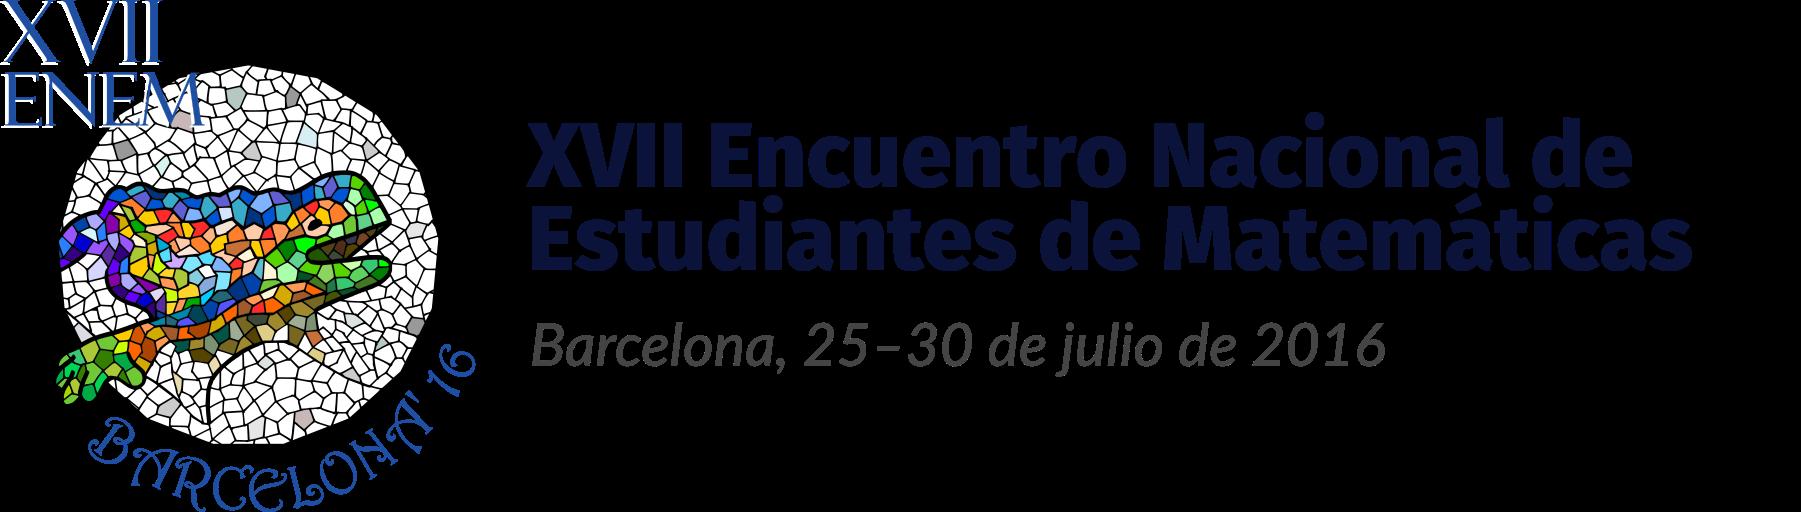 XVII Encuentro Nacional de Estudiantes de Matemáticas – XVII ENEM